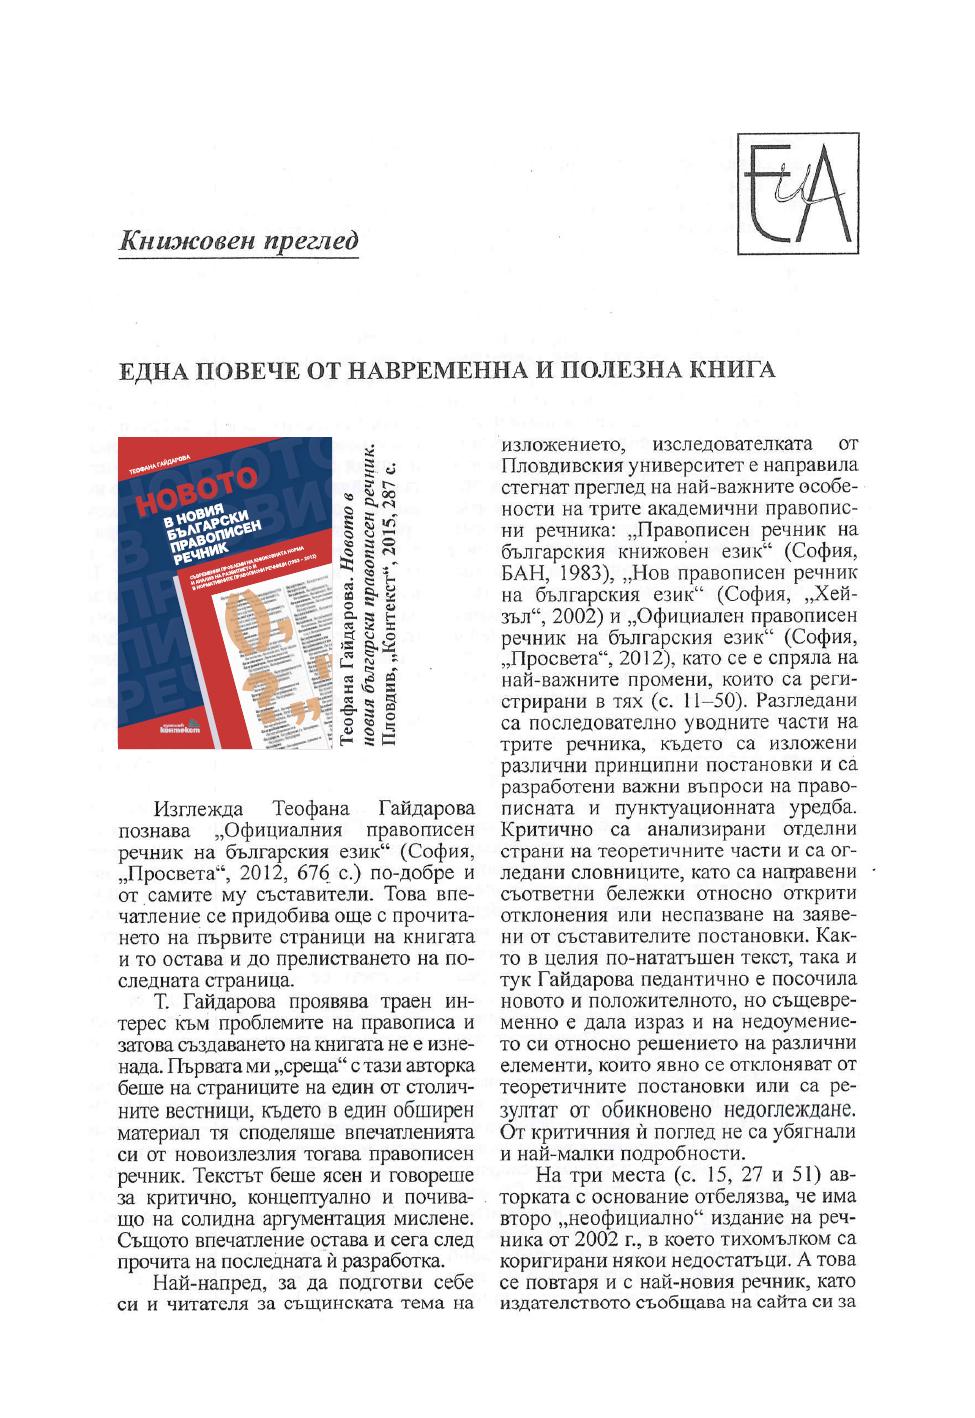 Проф. д-р Боян Вълчев за книгата на д-р Теофана Гайдарова